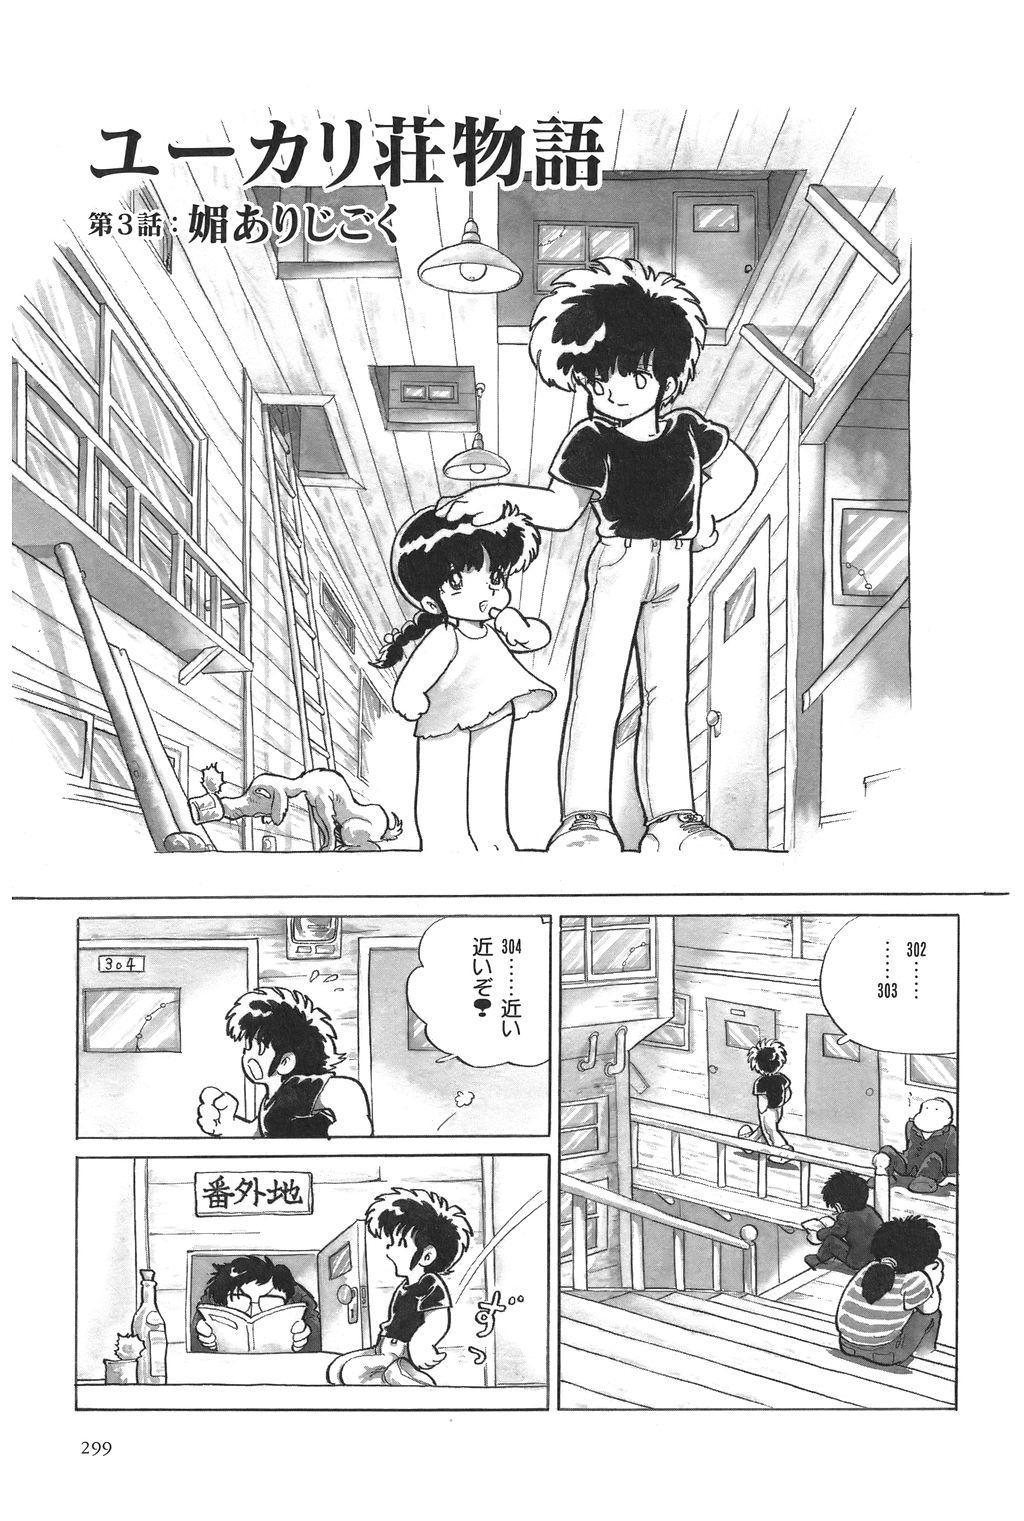 Azuma Hideo Sakuhin Shuusei - Yoru no Tobari no Naka de 300